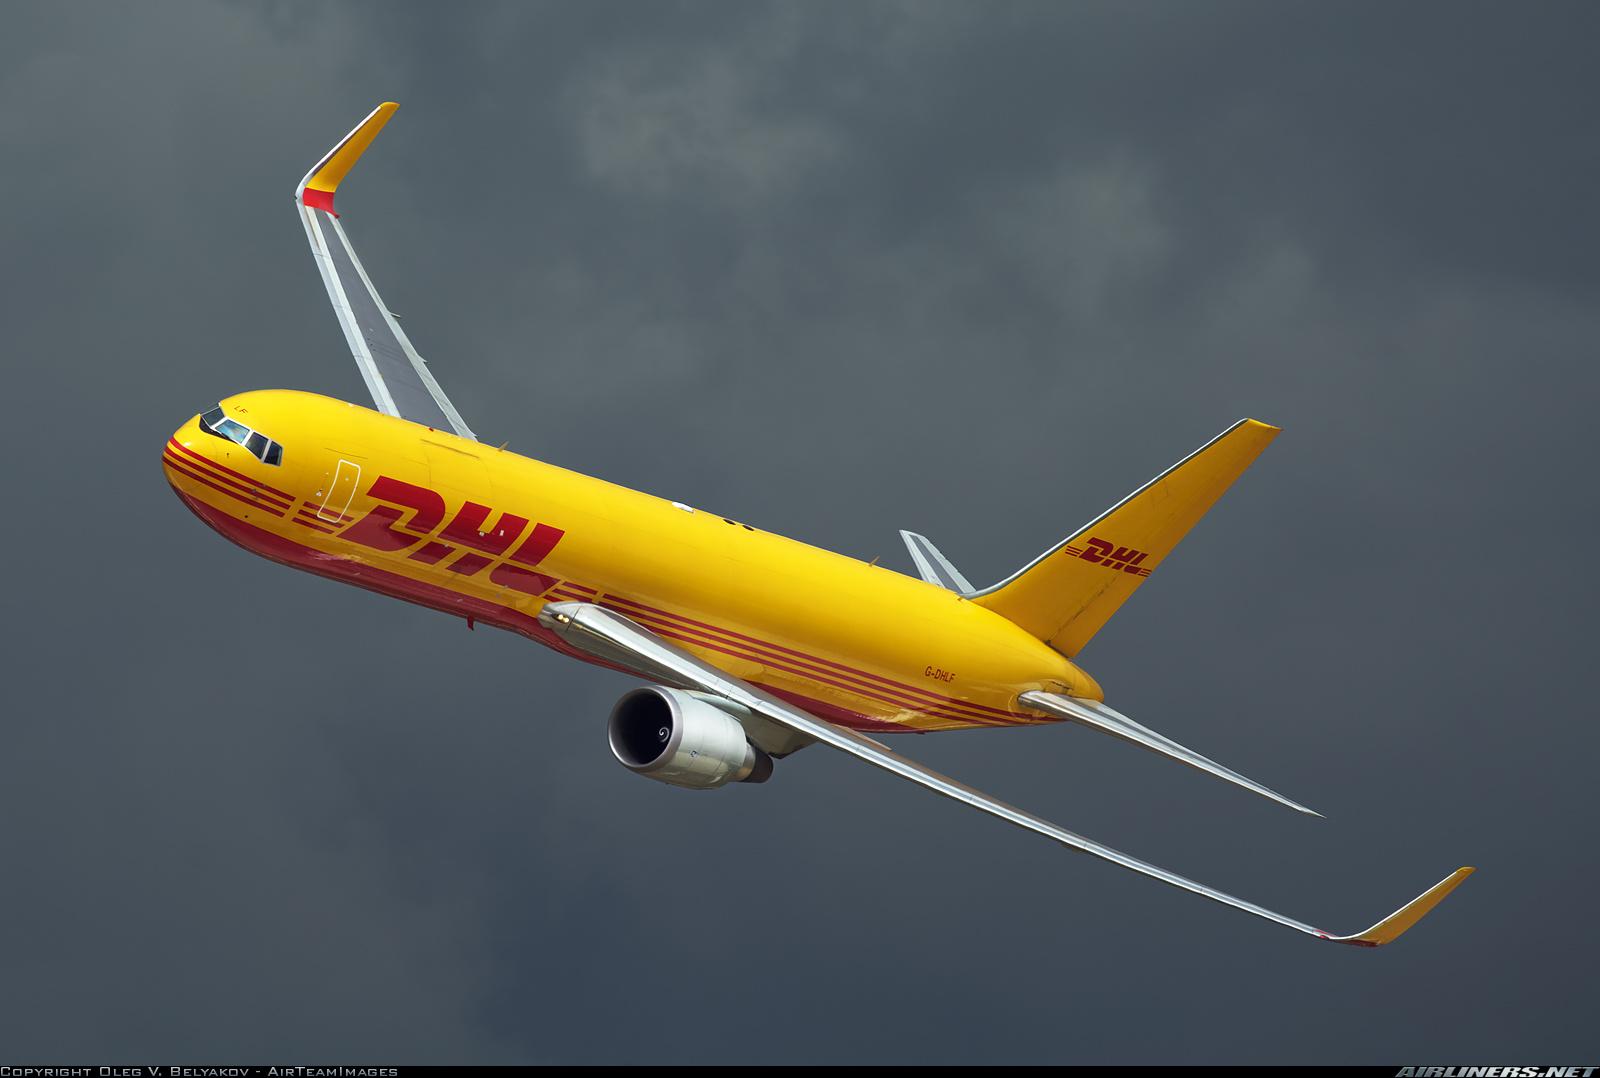 """""""دي إتش ال"""" إكسبرس توسع أسطولها الجوي بمنطقة الشرق الأوسط وشمال أفريقيا عبر إضافة طائرتين بوينج 767-300Fs"""